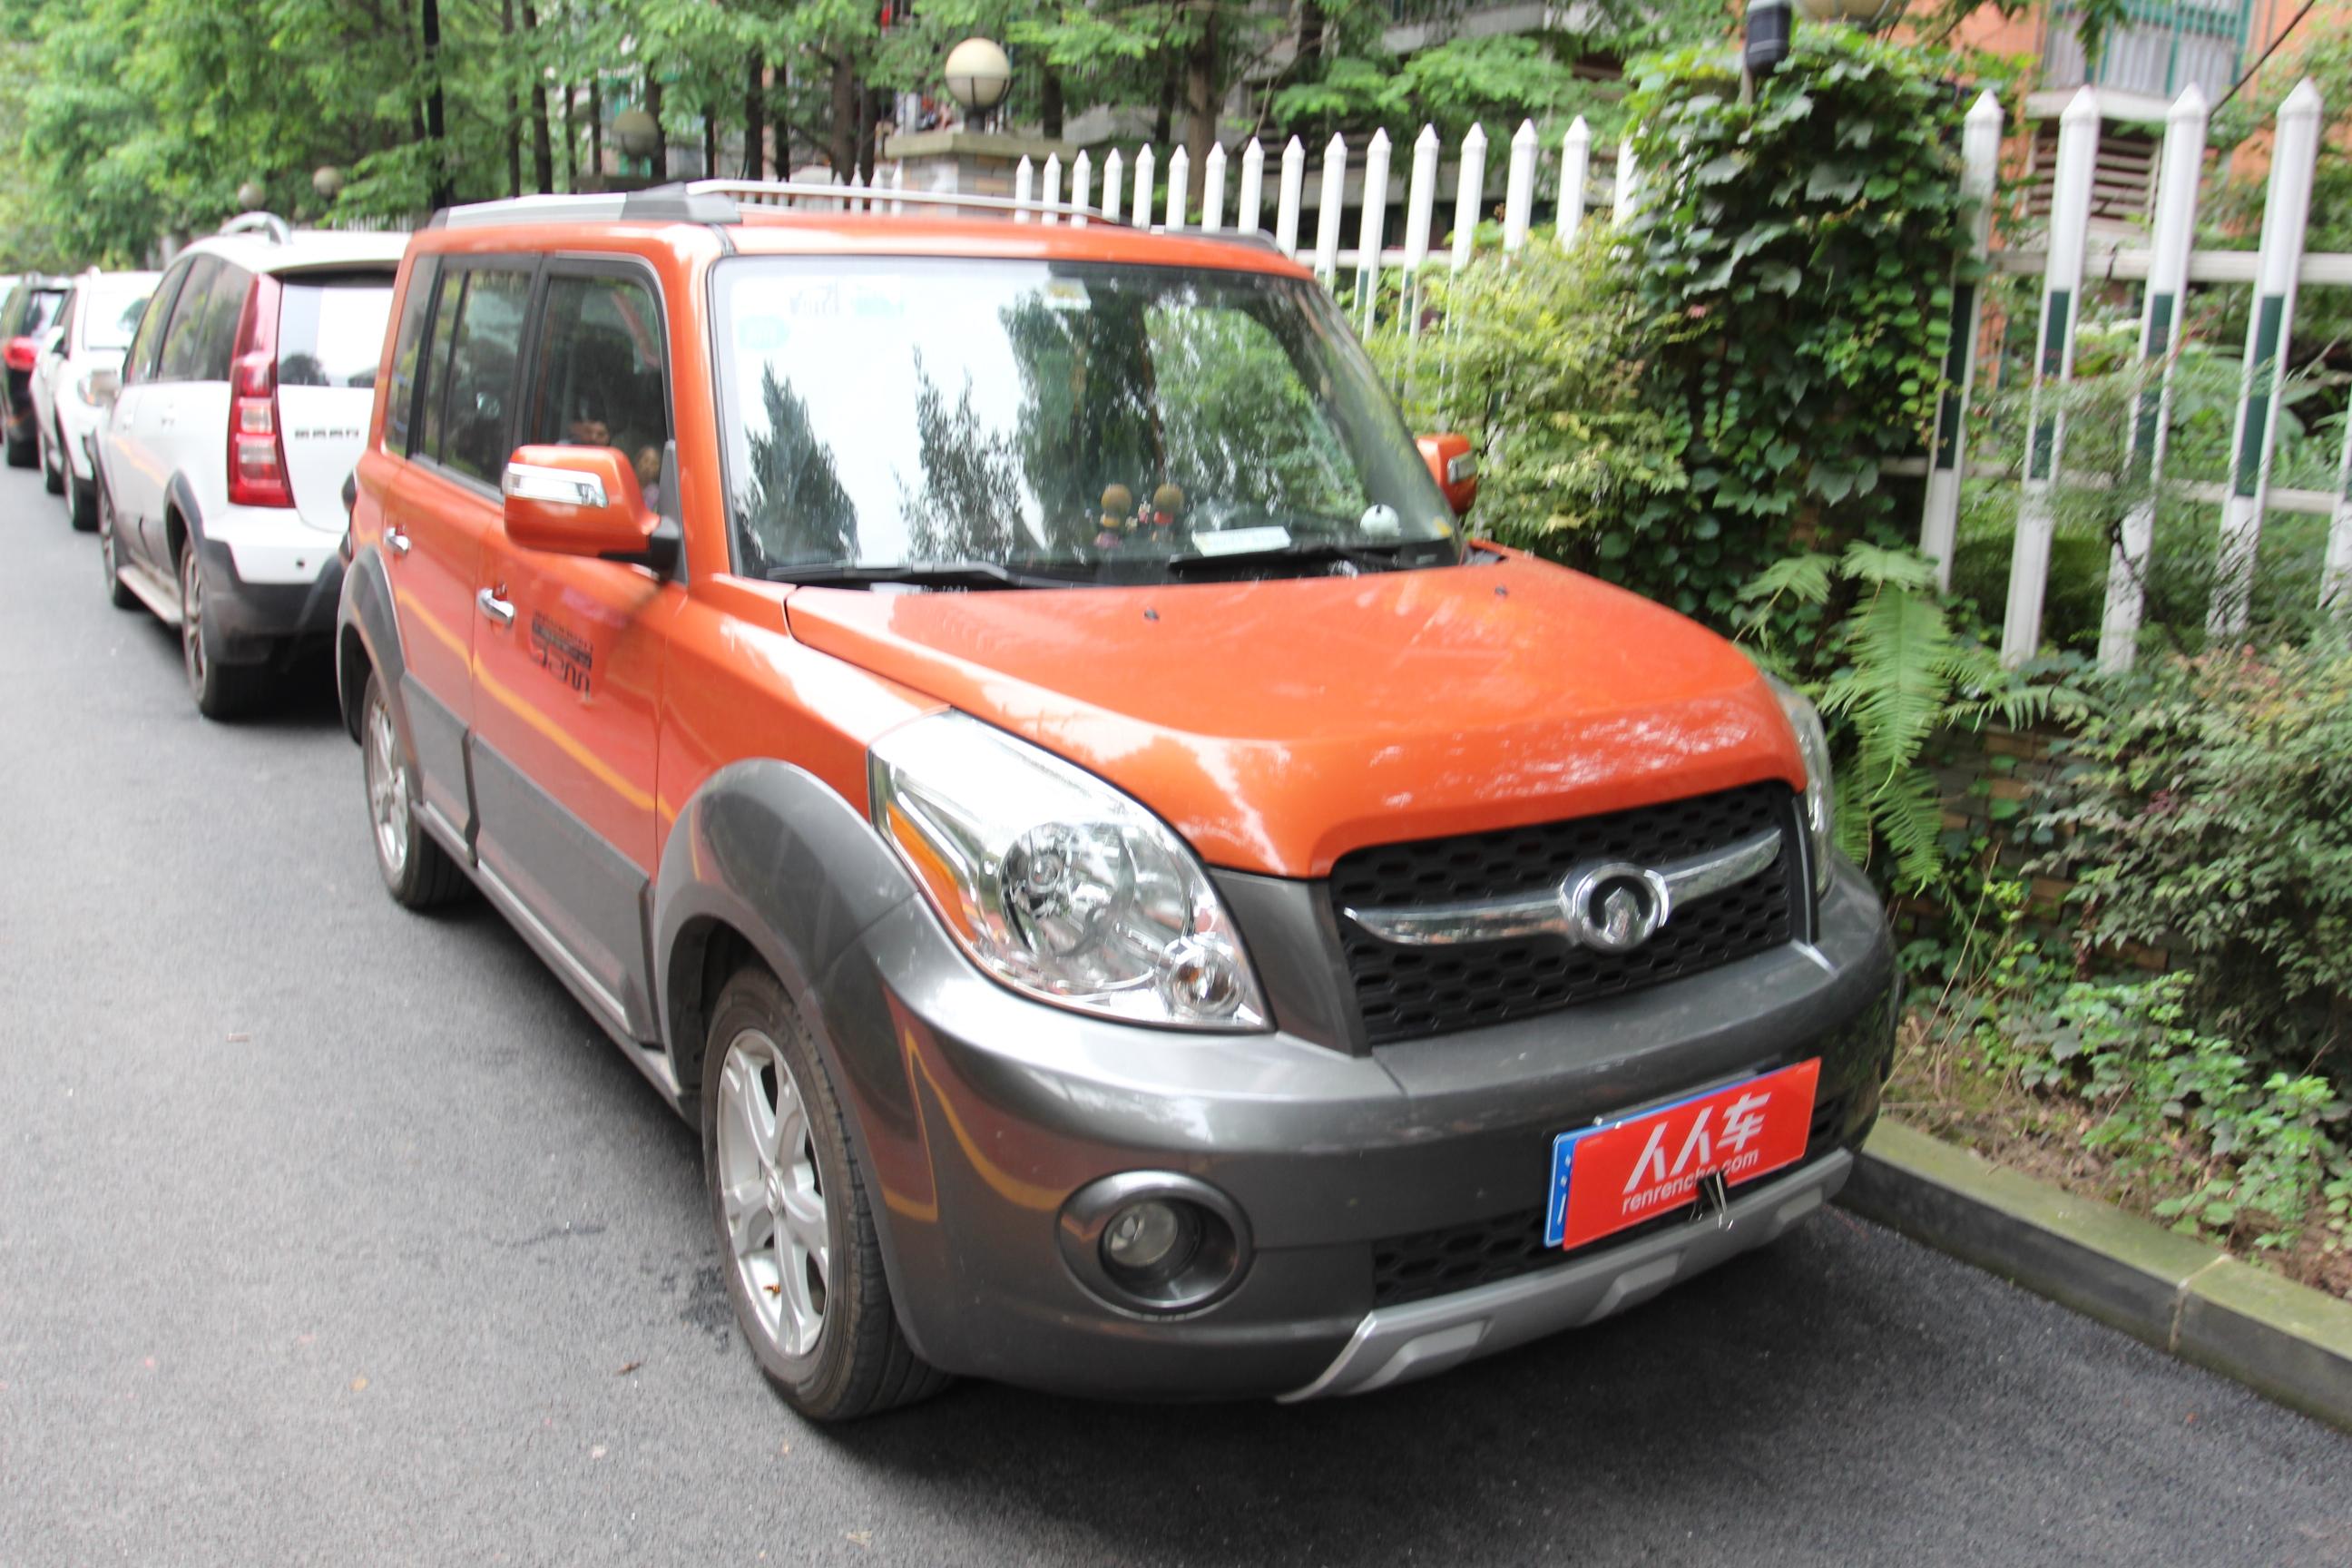 重庆二手长城汽车-m2 2010款 1.5l cvt 精英型_最新及